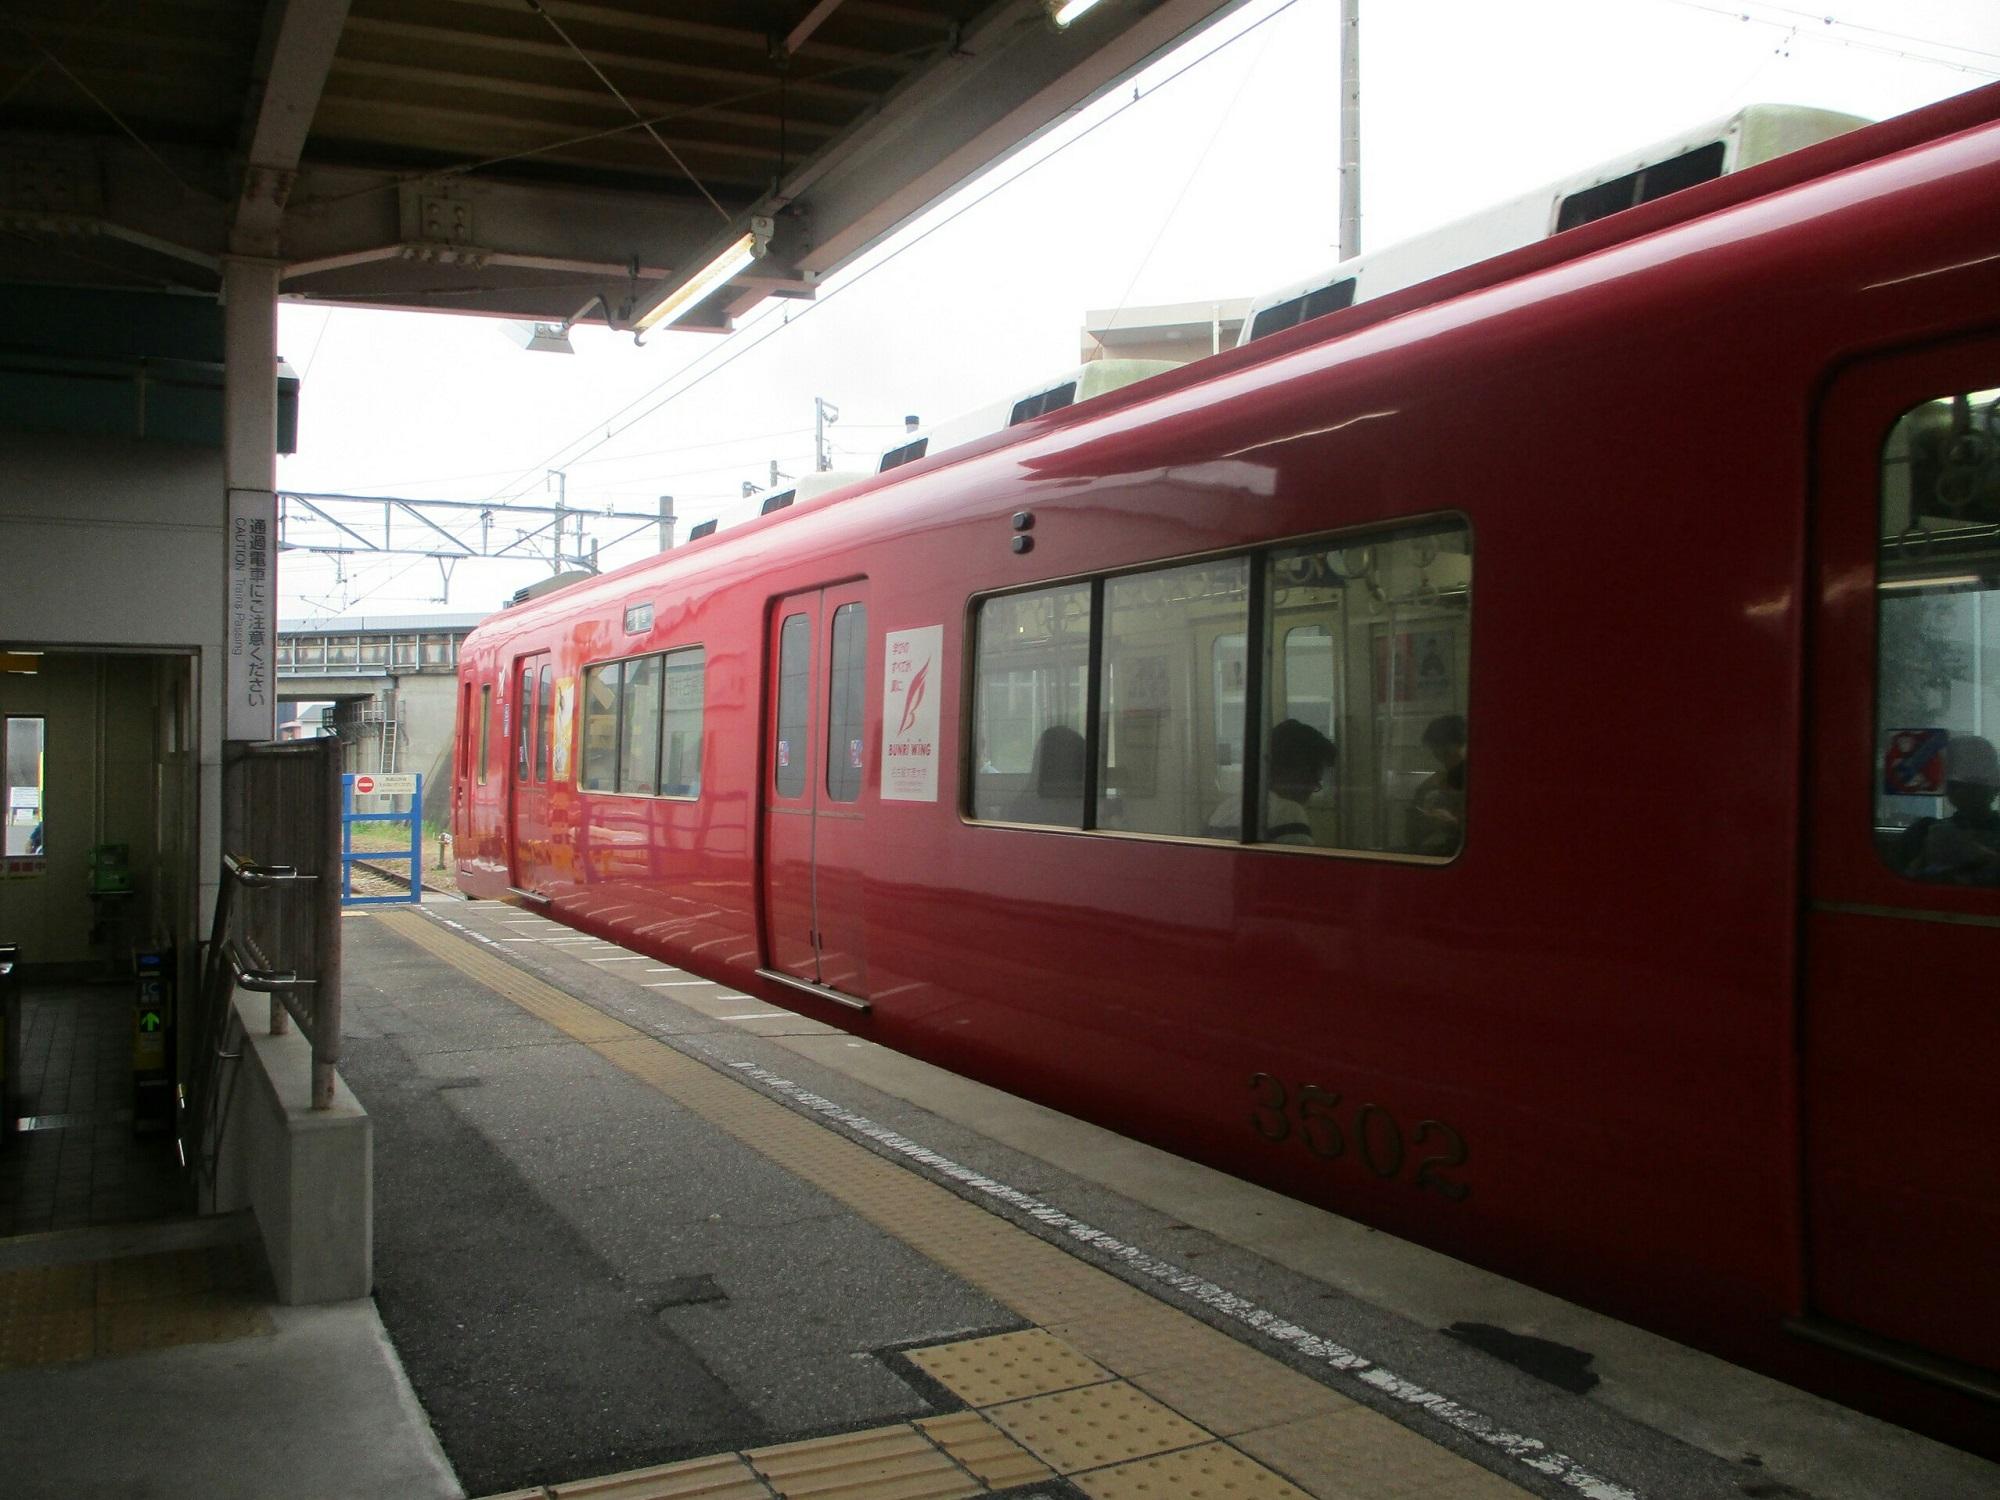 2019.7.3 (42) ふるい - 西尾いきふつう 2000-1500